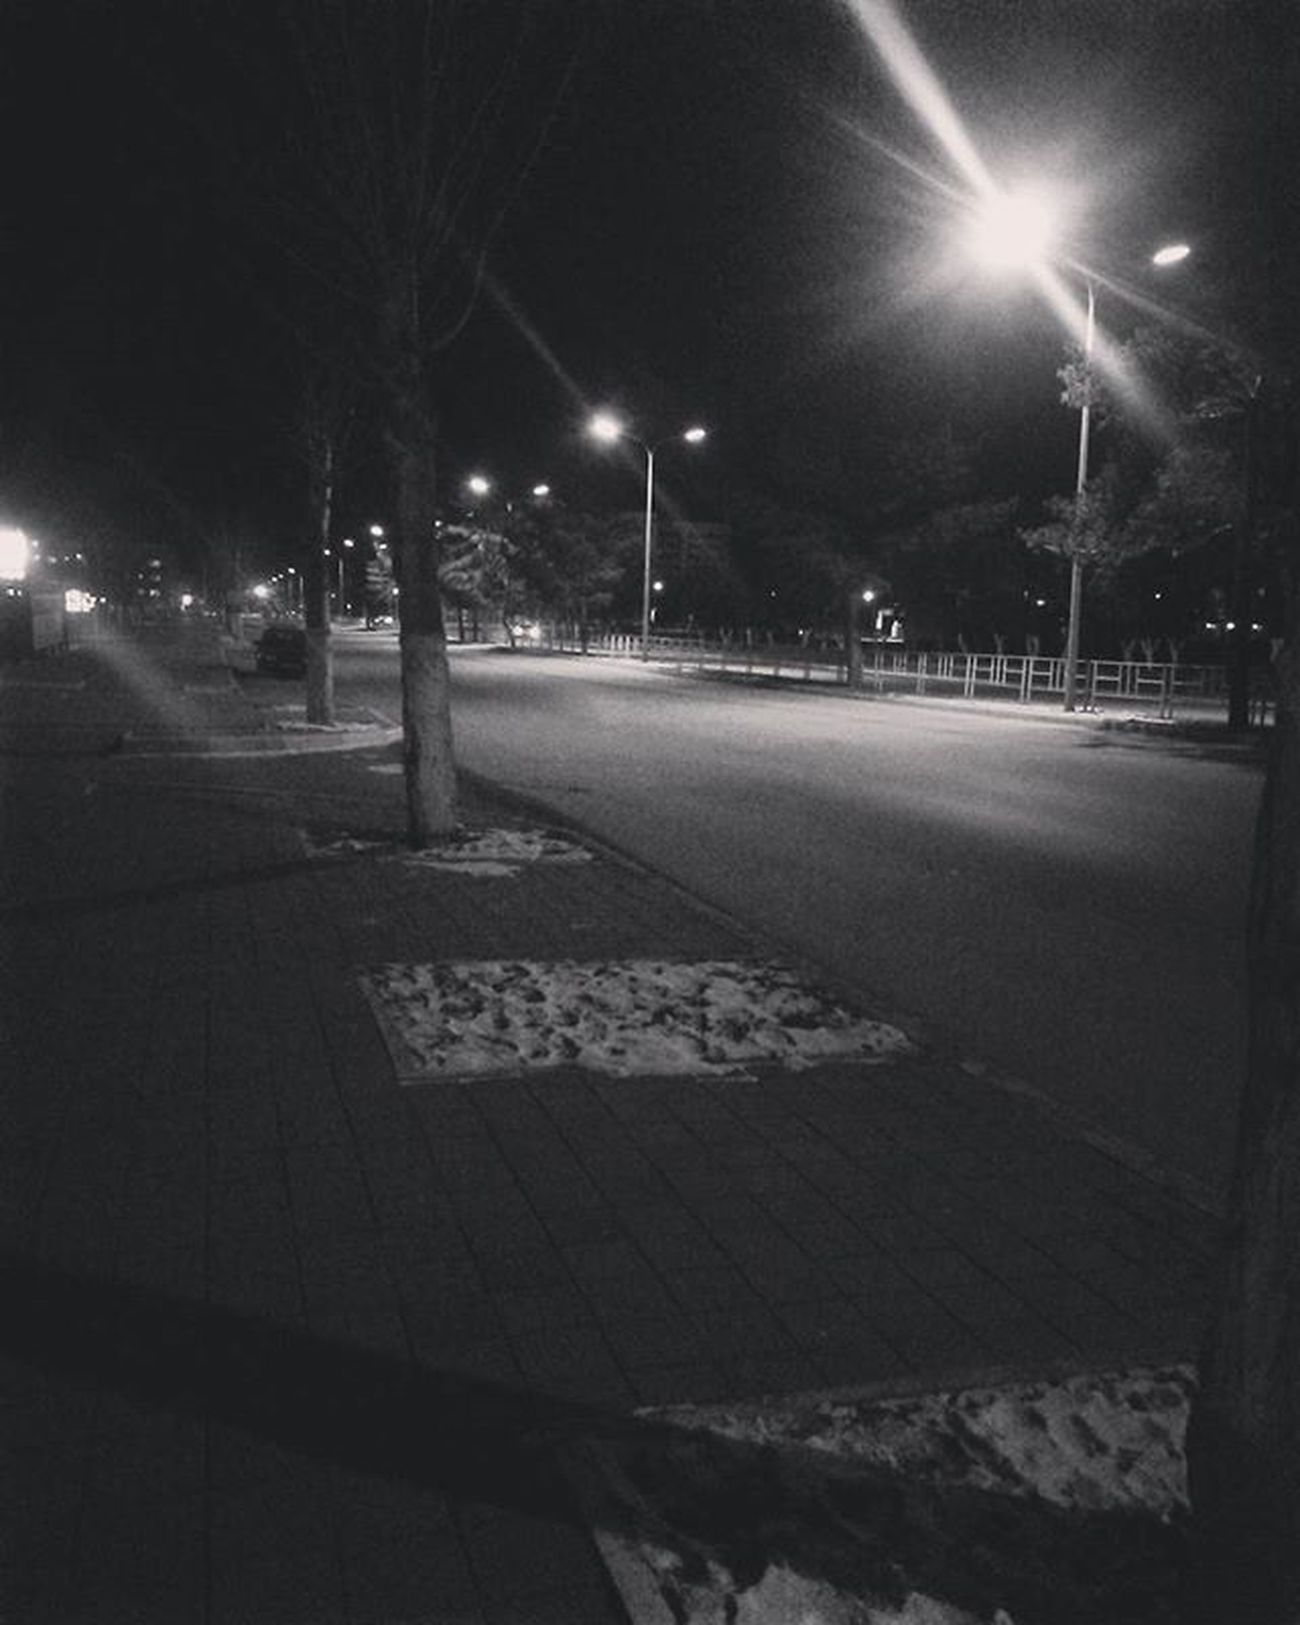 түнгіқала серуендеп сол)) Қайырлы түн достар!)